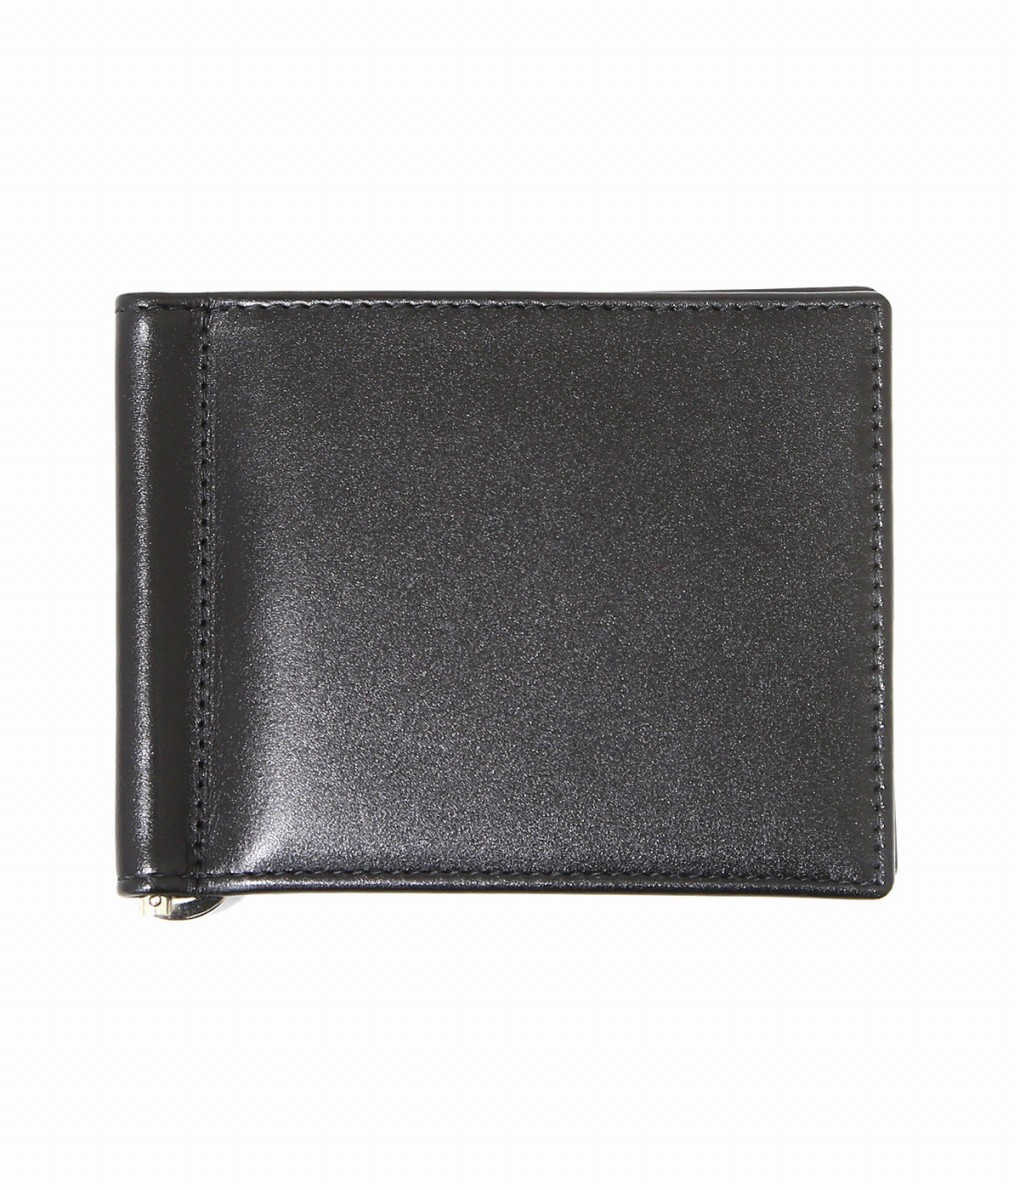 ETTINGER / エッティンガー : Money Clip Wallet : エッティンガー レザー 本革 マネークリップ 財布 定番 メンズ レディース : ST787AJR【MUS】